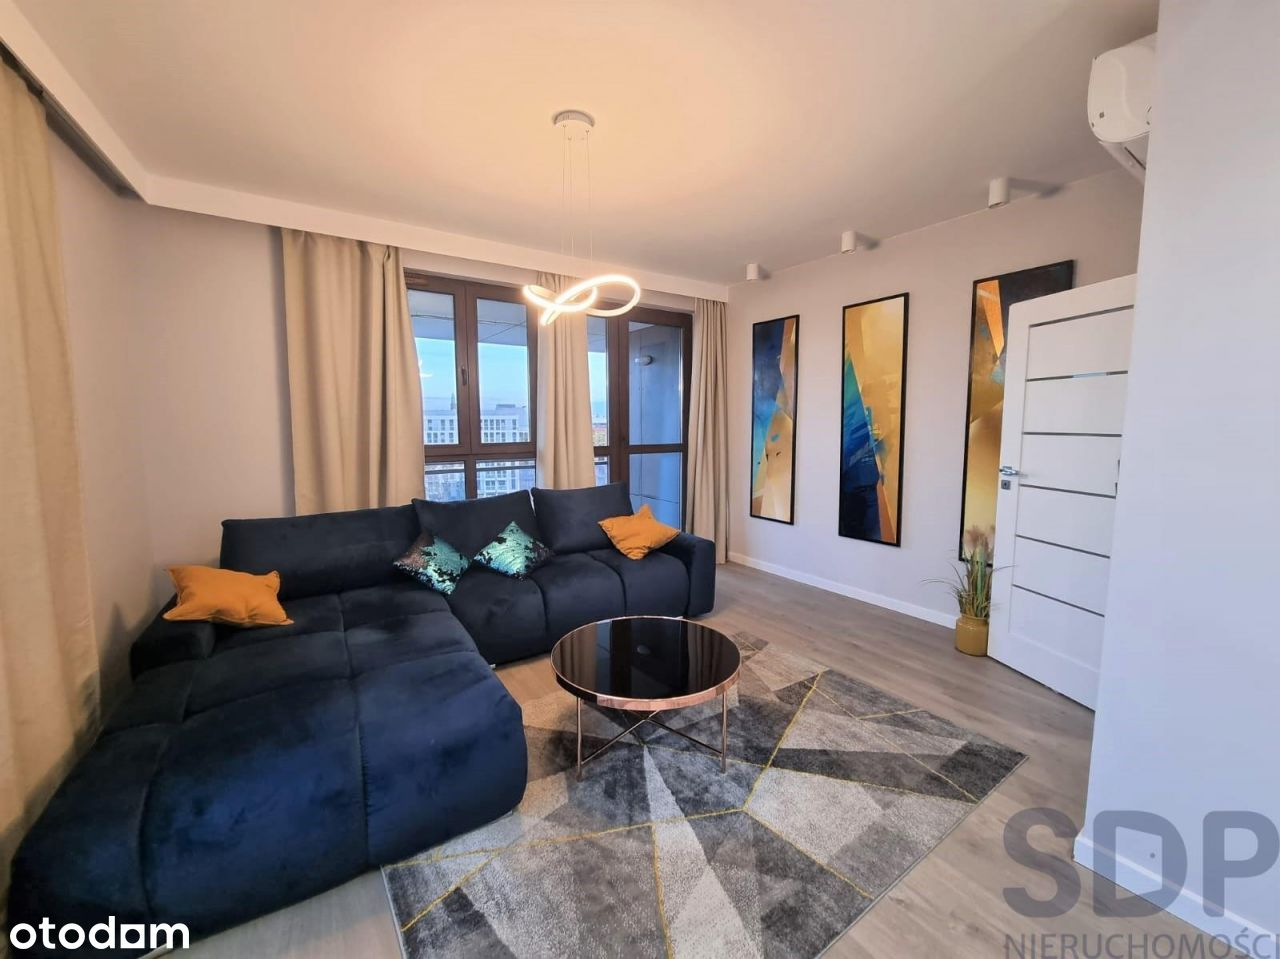 Nowy apartament Odra T. 60m2,2 osobne pok.+ osobna